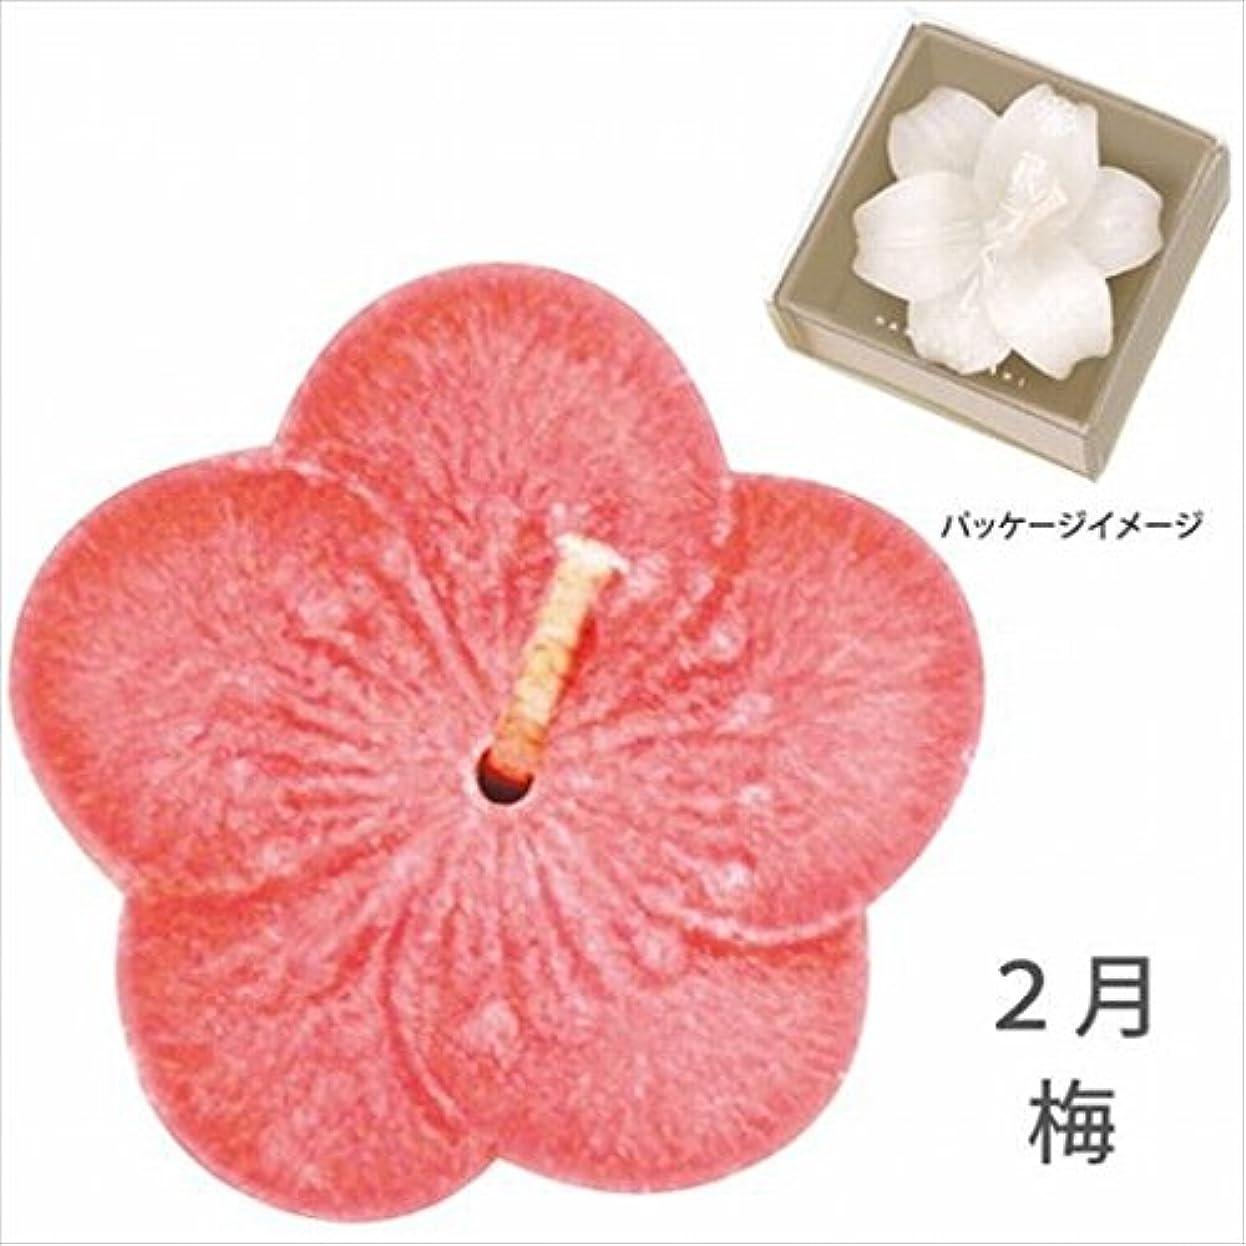 強いクランプ摘むカメヤマキャンドル( kameyama candle ) 花づくし(植物性) 梅 「 梅(2月) 」 キャンドル